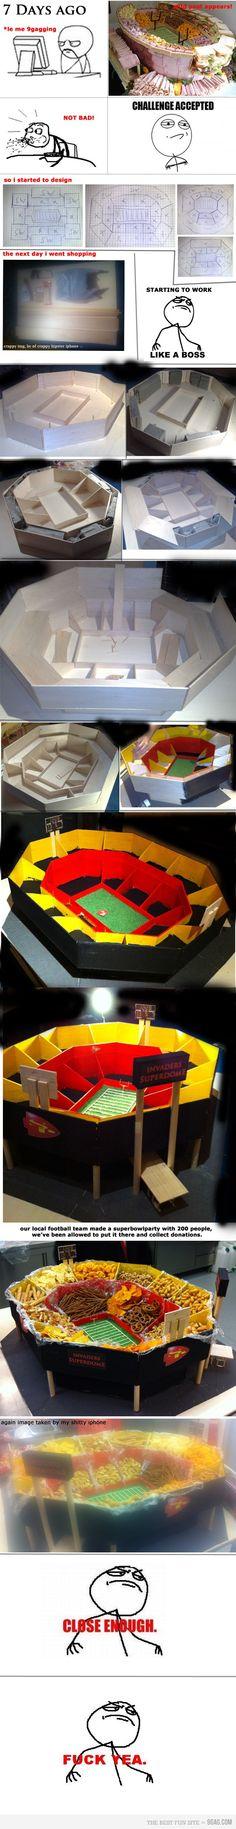 Neat idea if having a football party.